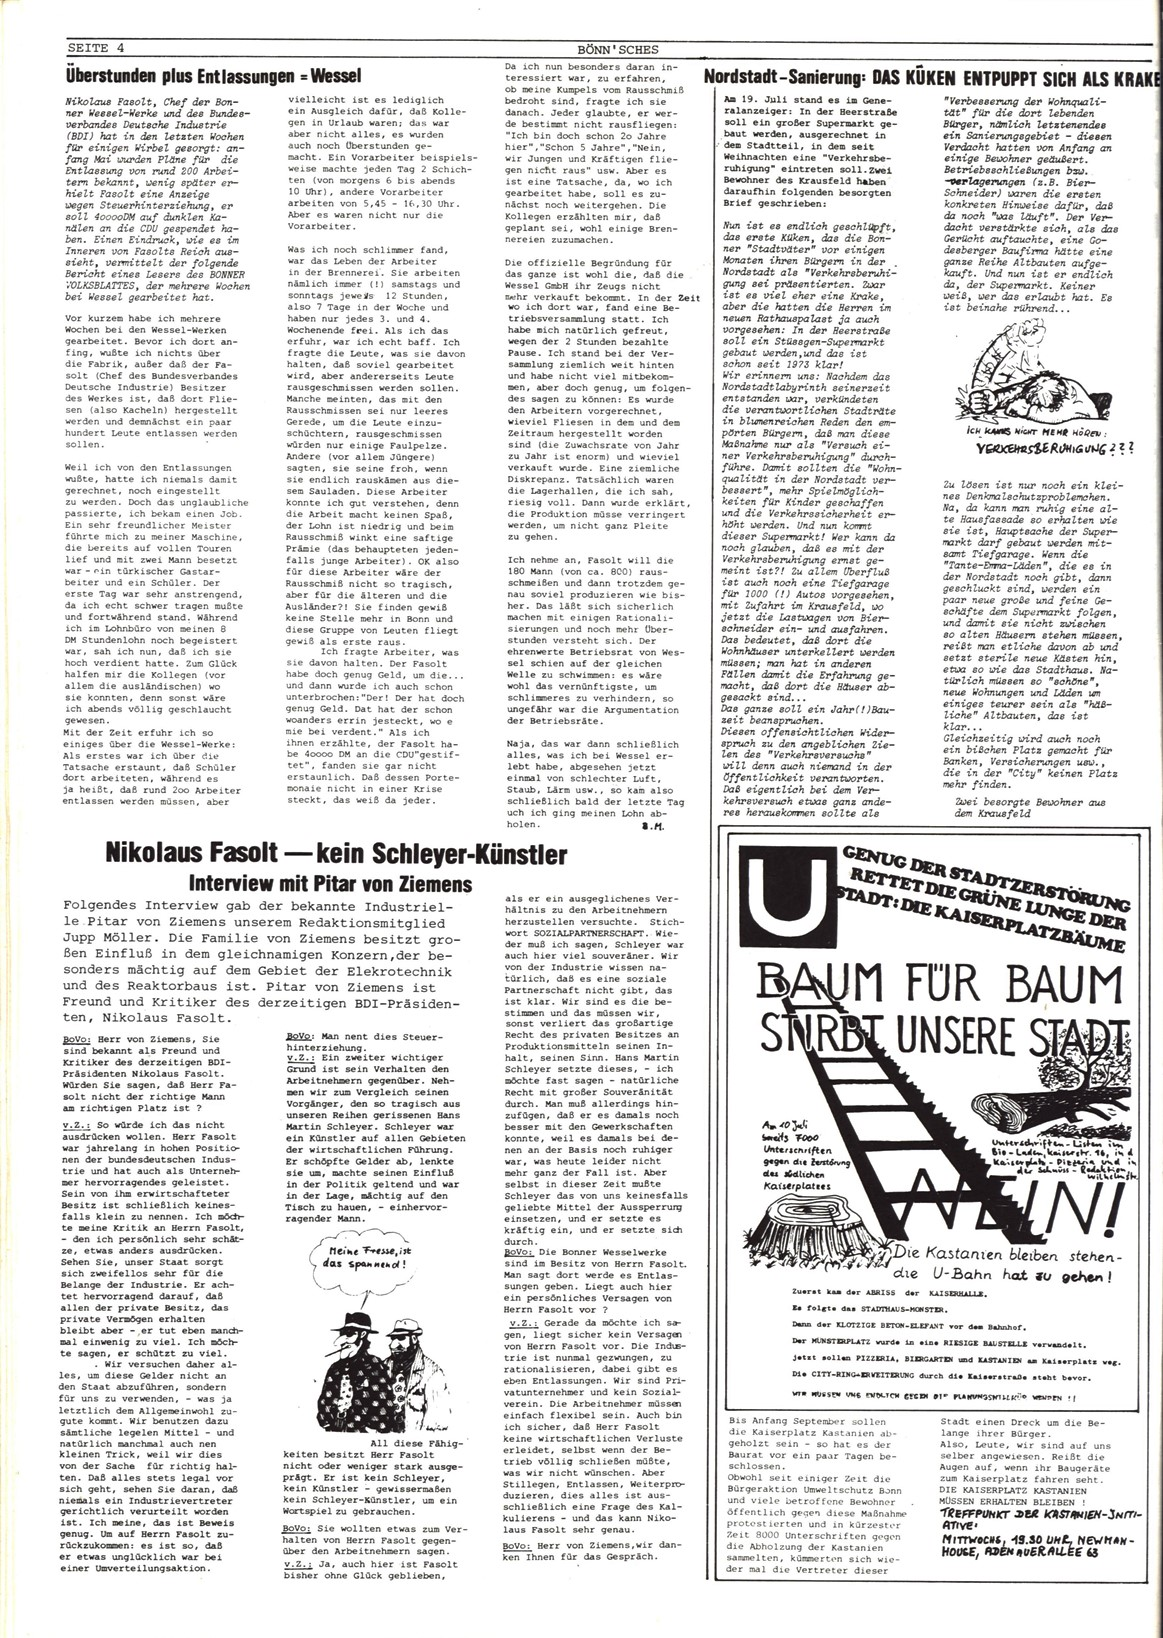 Bonner_Volksblatt_15_19780802_04